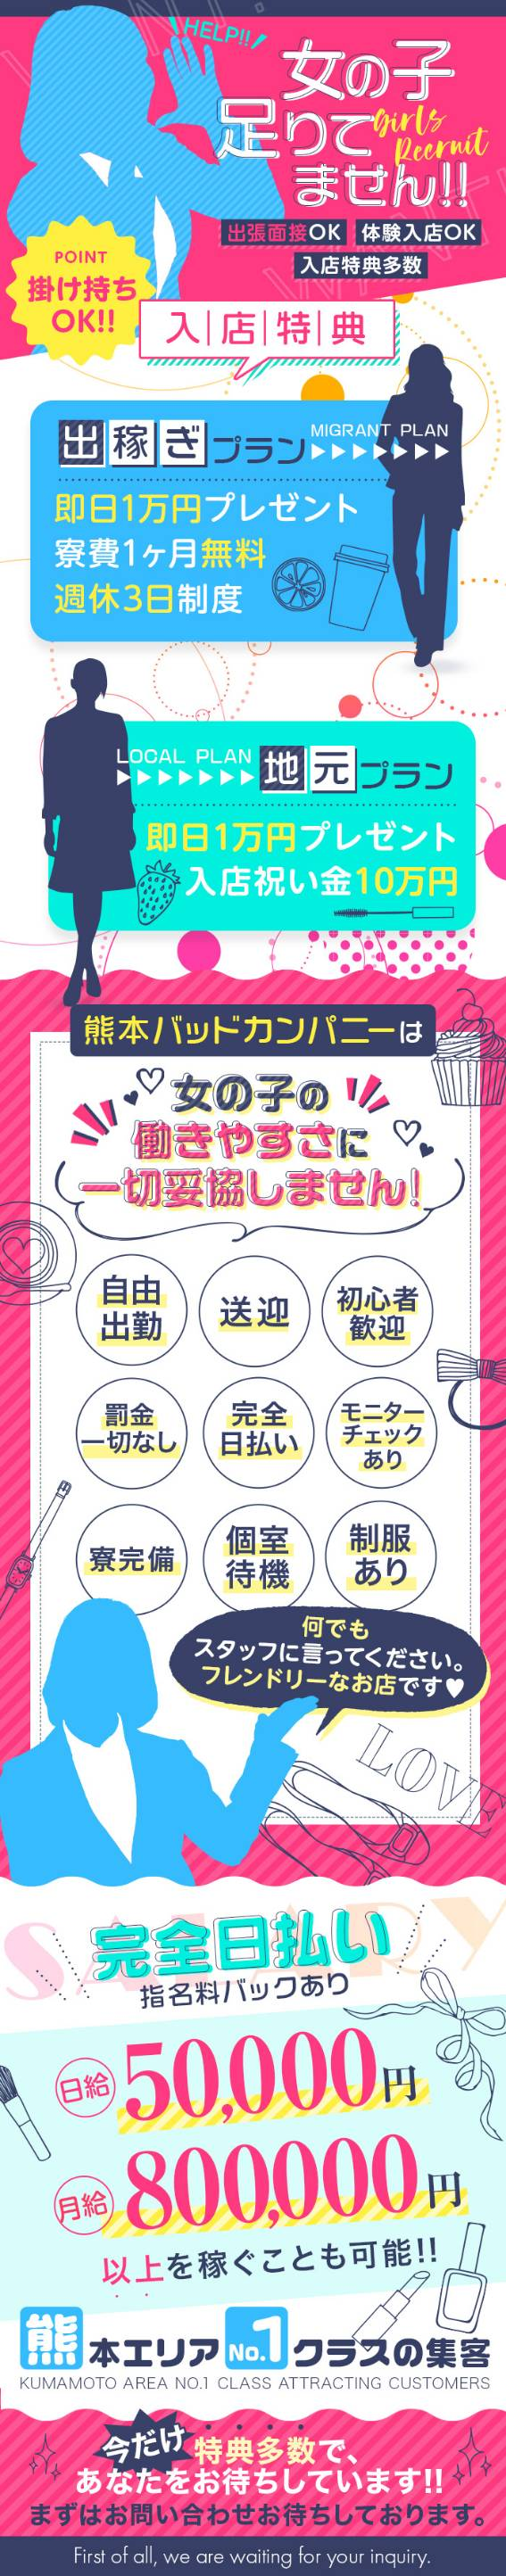 緊急募集中!!|BADCOMPANY(イエスグループ熊本)の求人ブログ